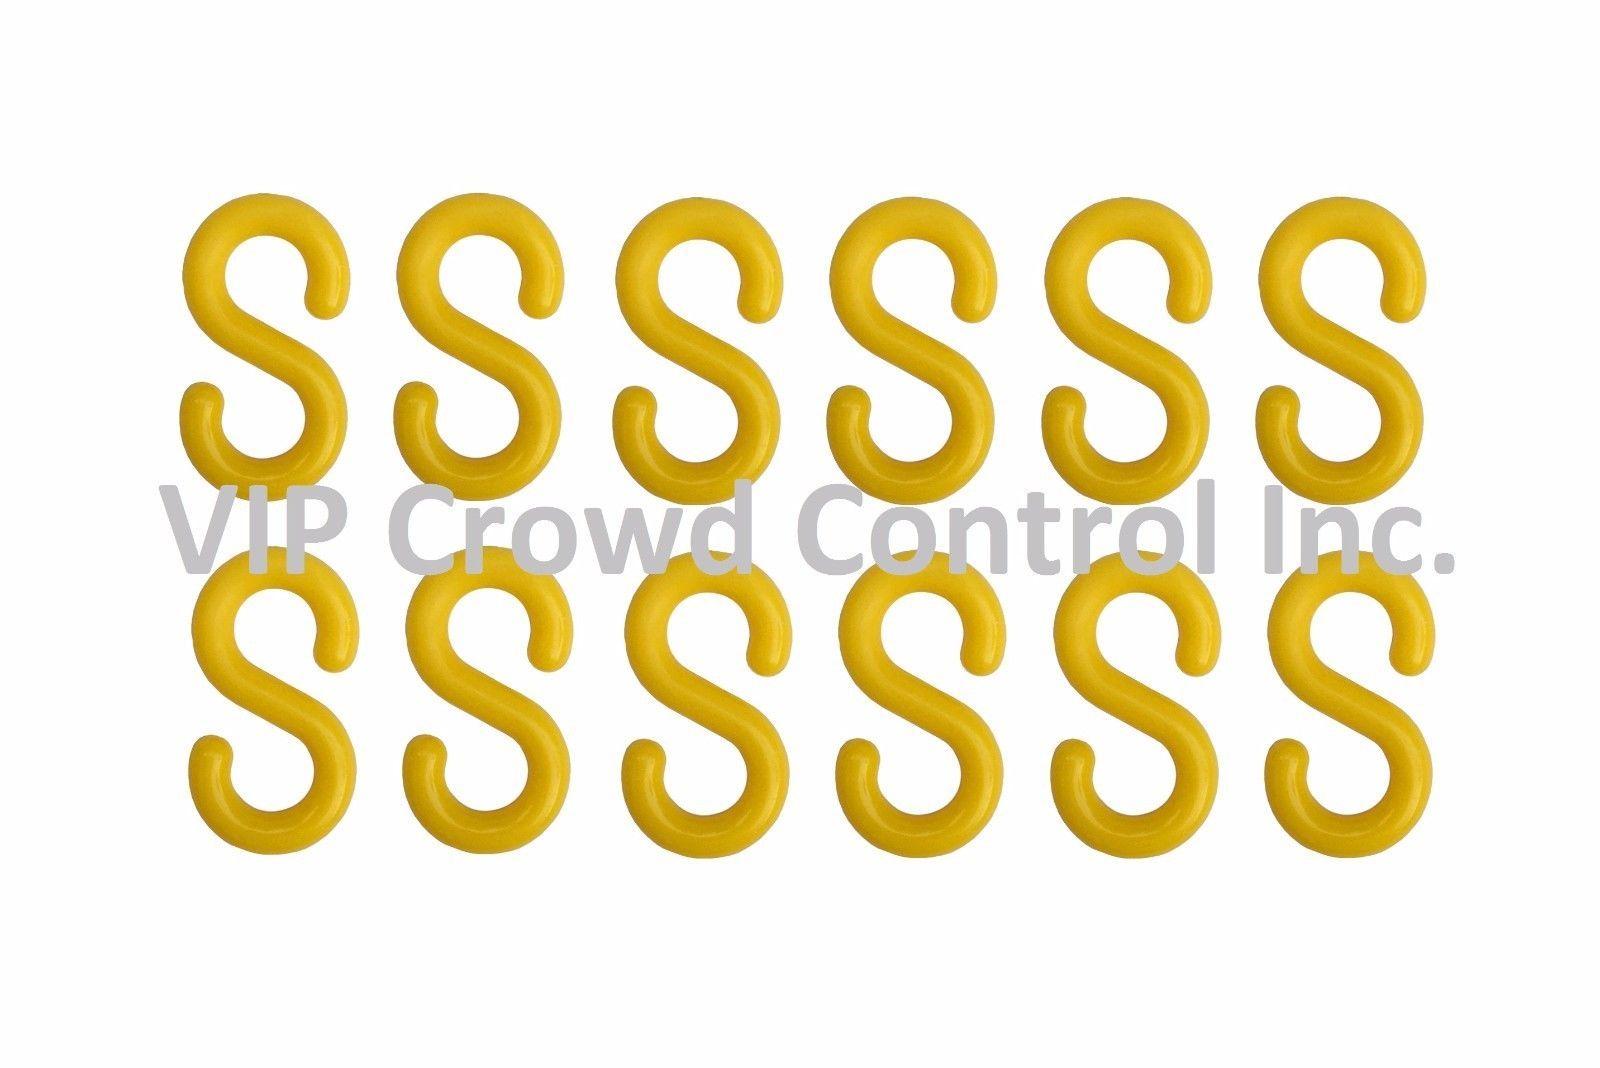 S-HOOK, PLASTIC, VIP CROWD CONTROL, 12 PCS SET